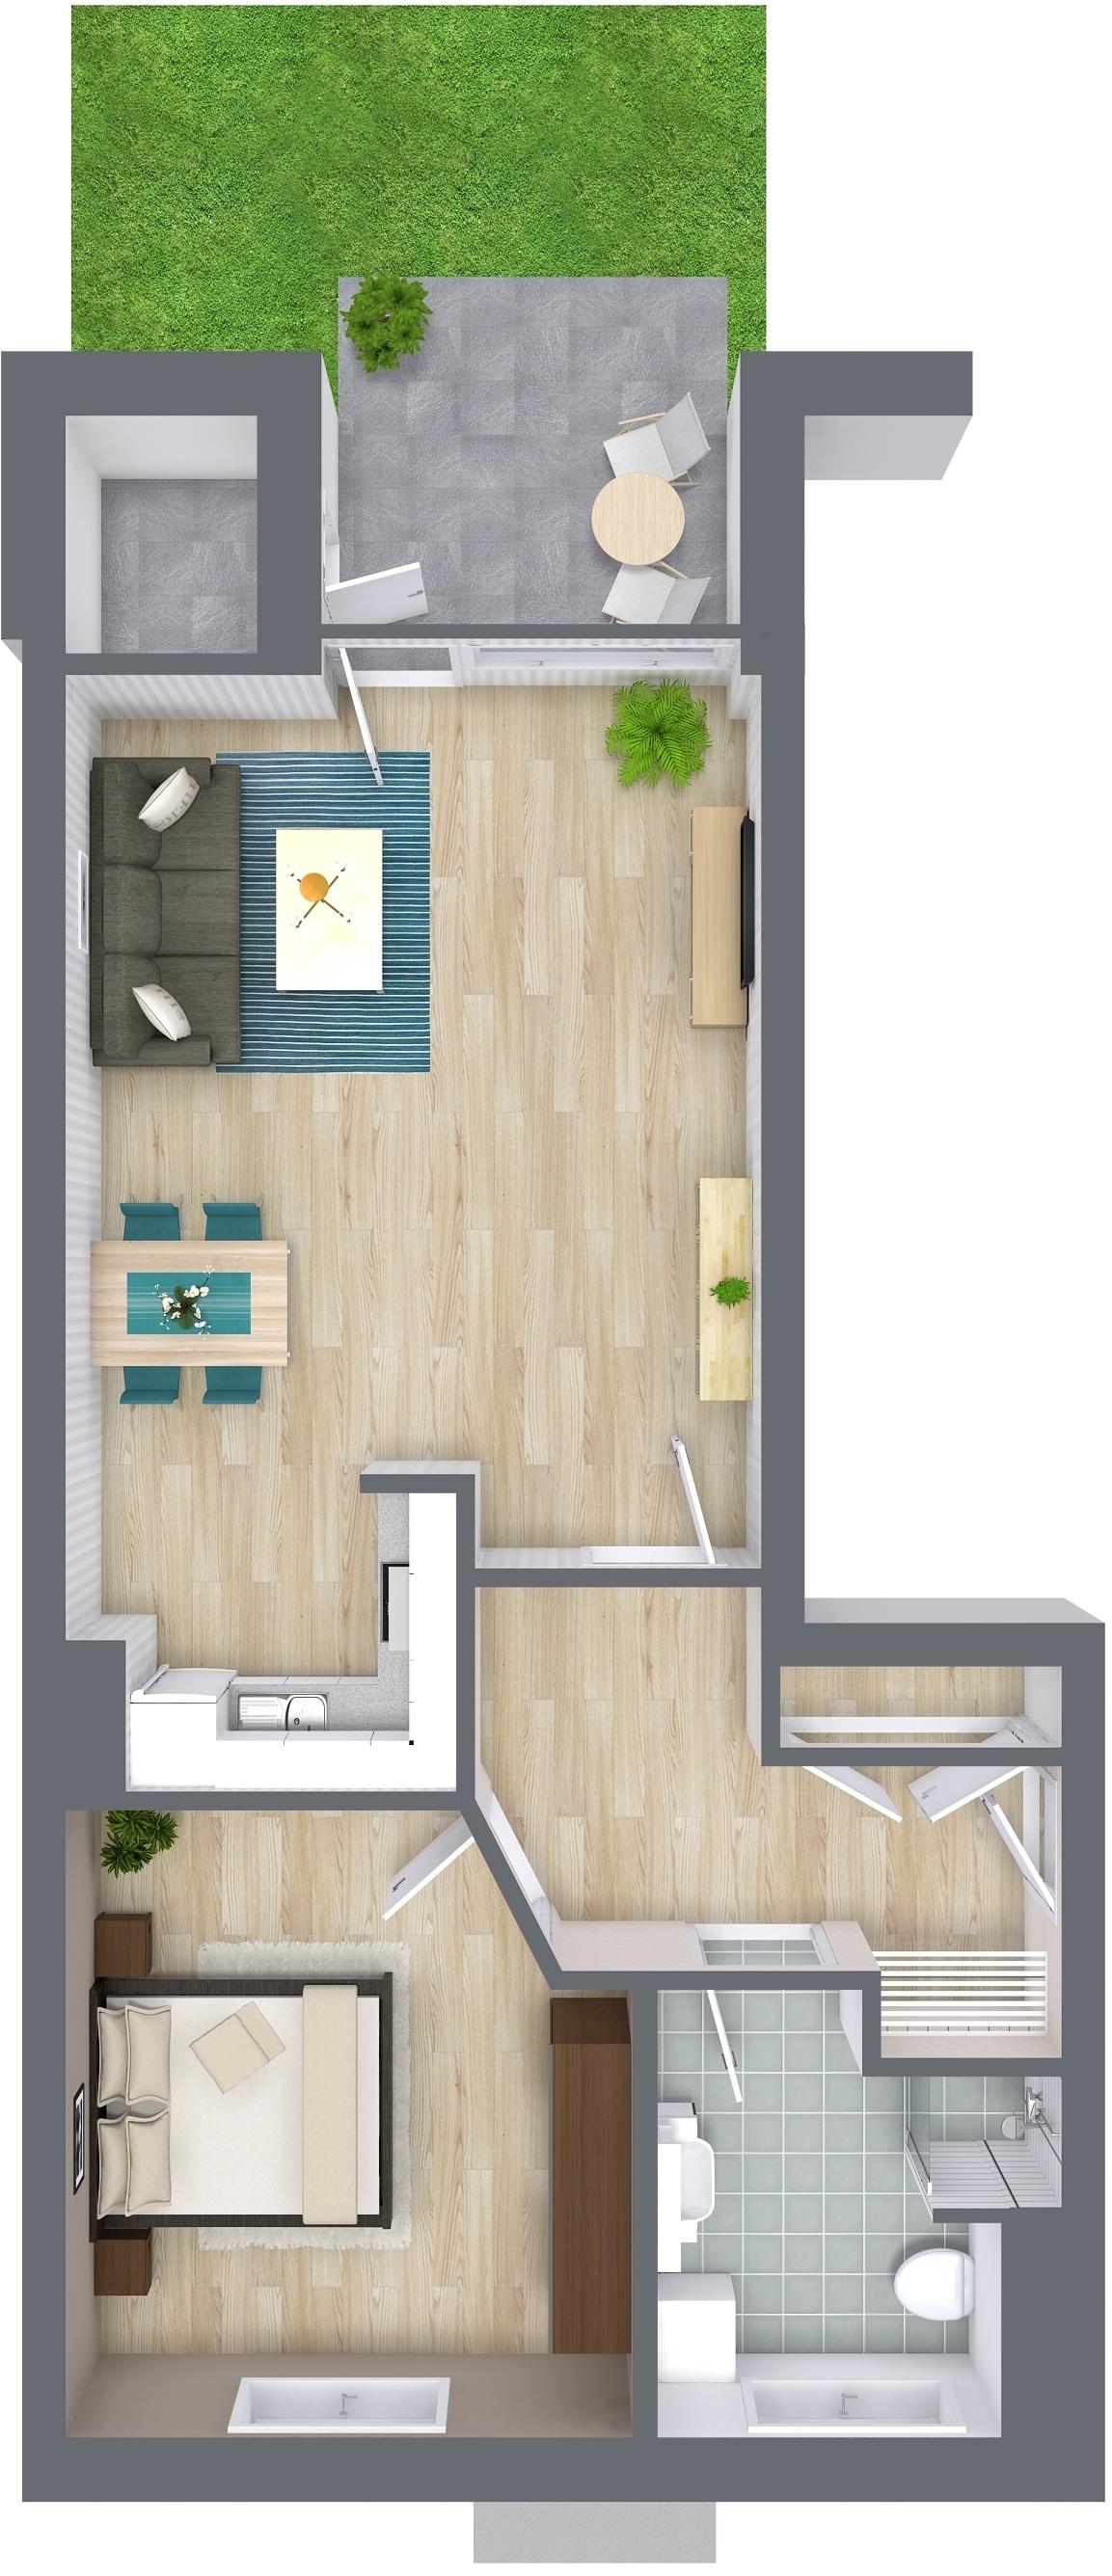 die 2 zimmer alternative b3 oliver klenz der immobilienprofi. Black Bedroom Furniture Sets. Home Design Ideas